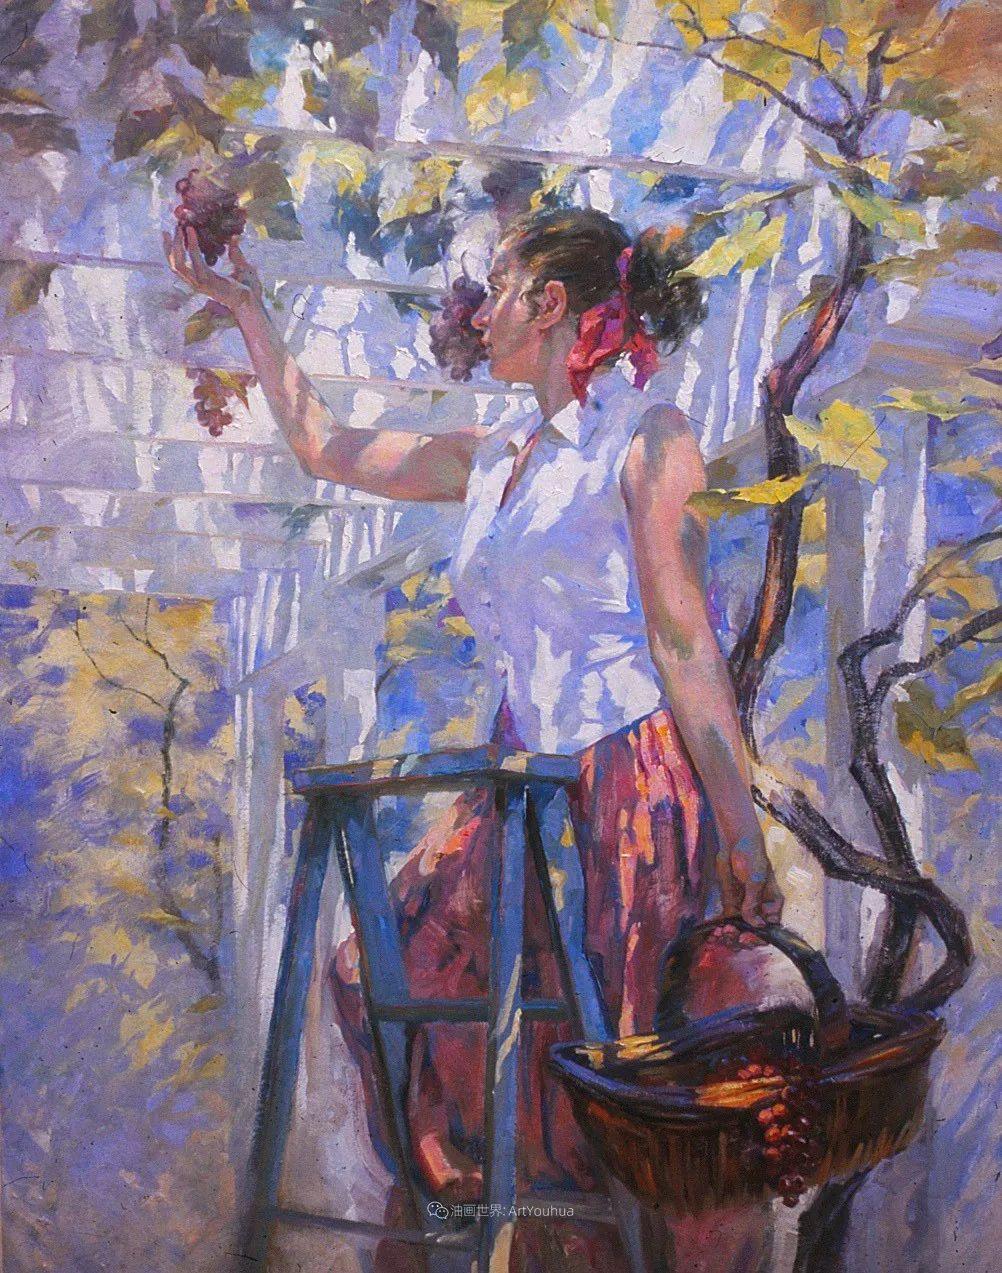 女人与花,世间最美的画卷!插图21